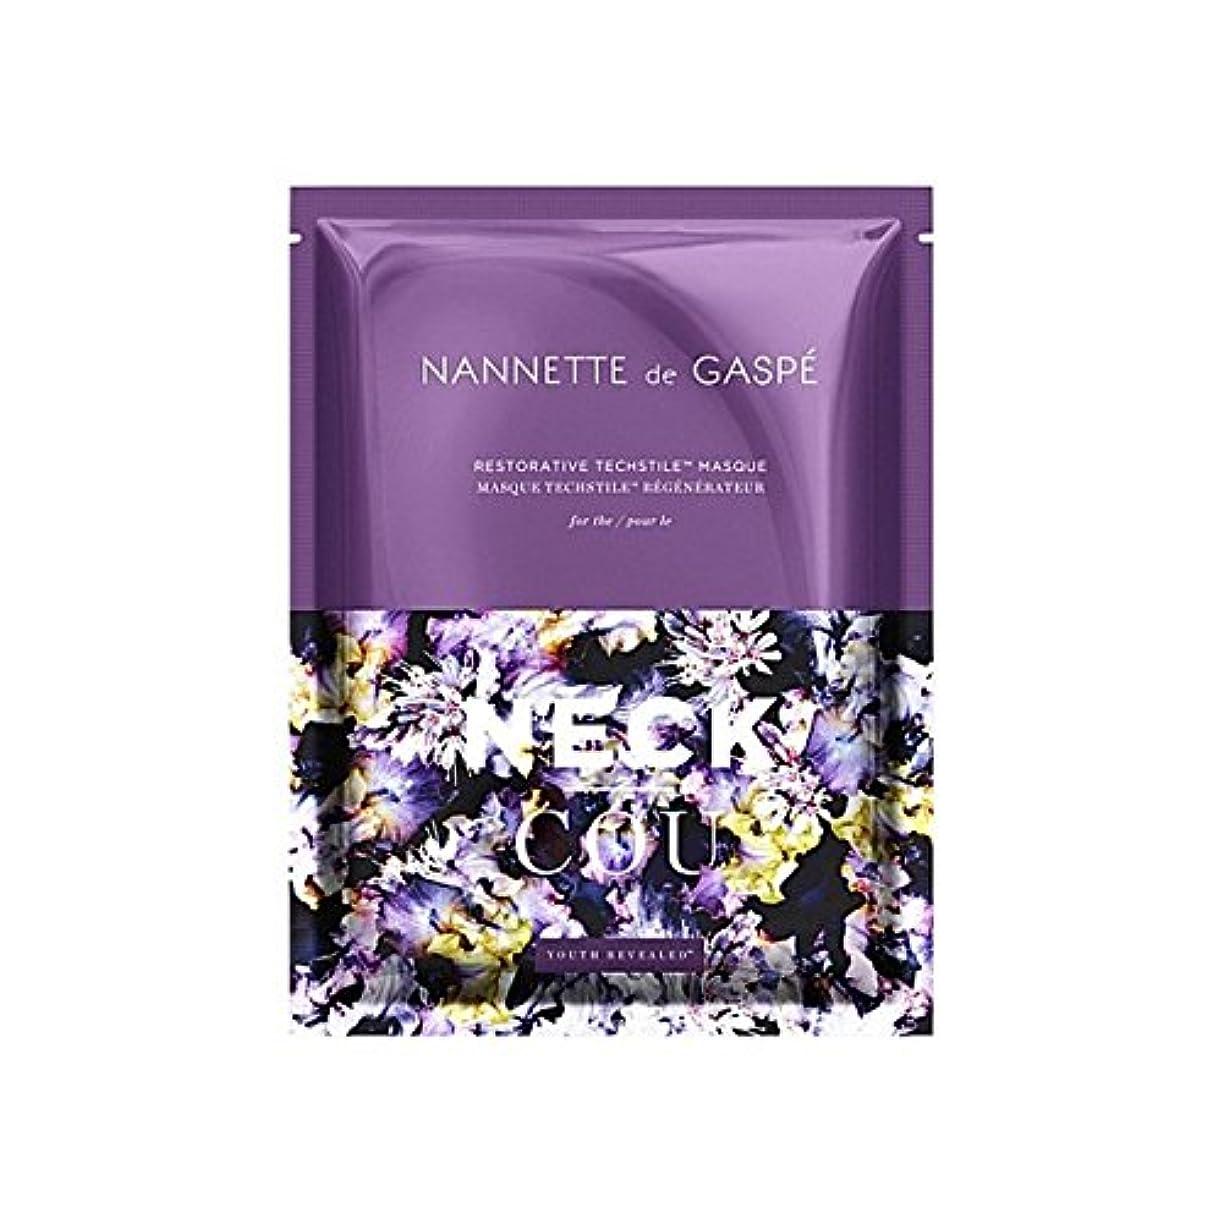 煙米国悪質なデガスペ修復首の仮面劇 x2 - Nannette De Gaspe Restorative Techstile Neck Masque (Pack of 2) [並行輸入品]